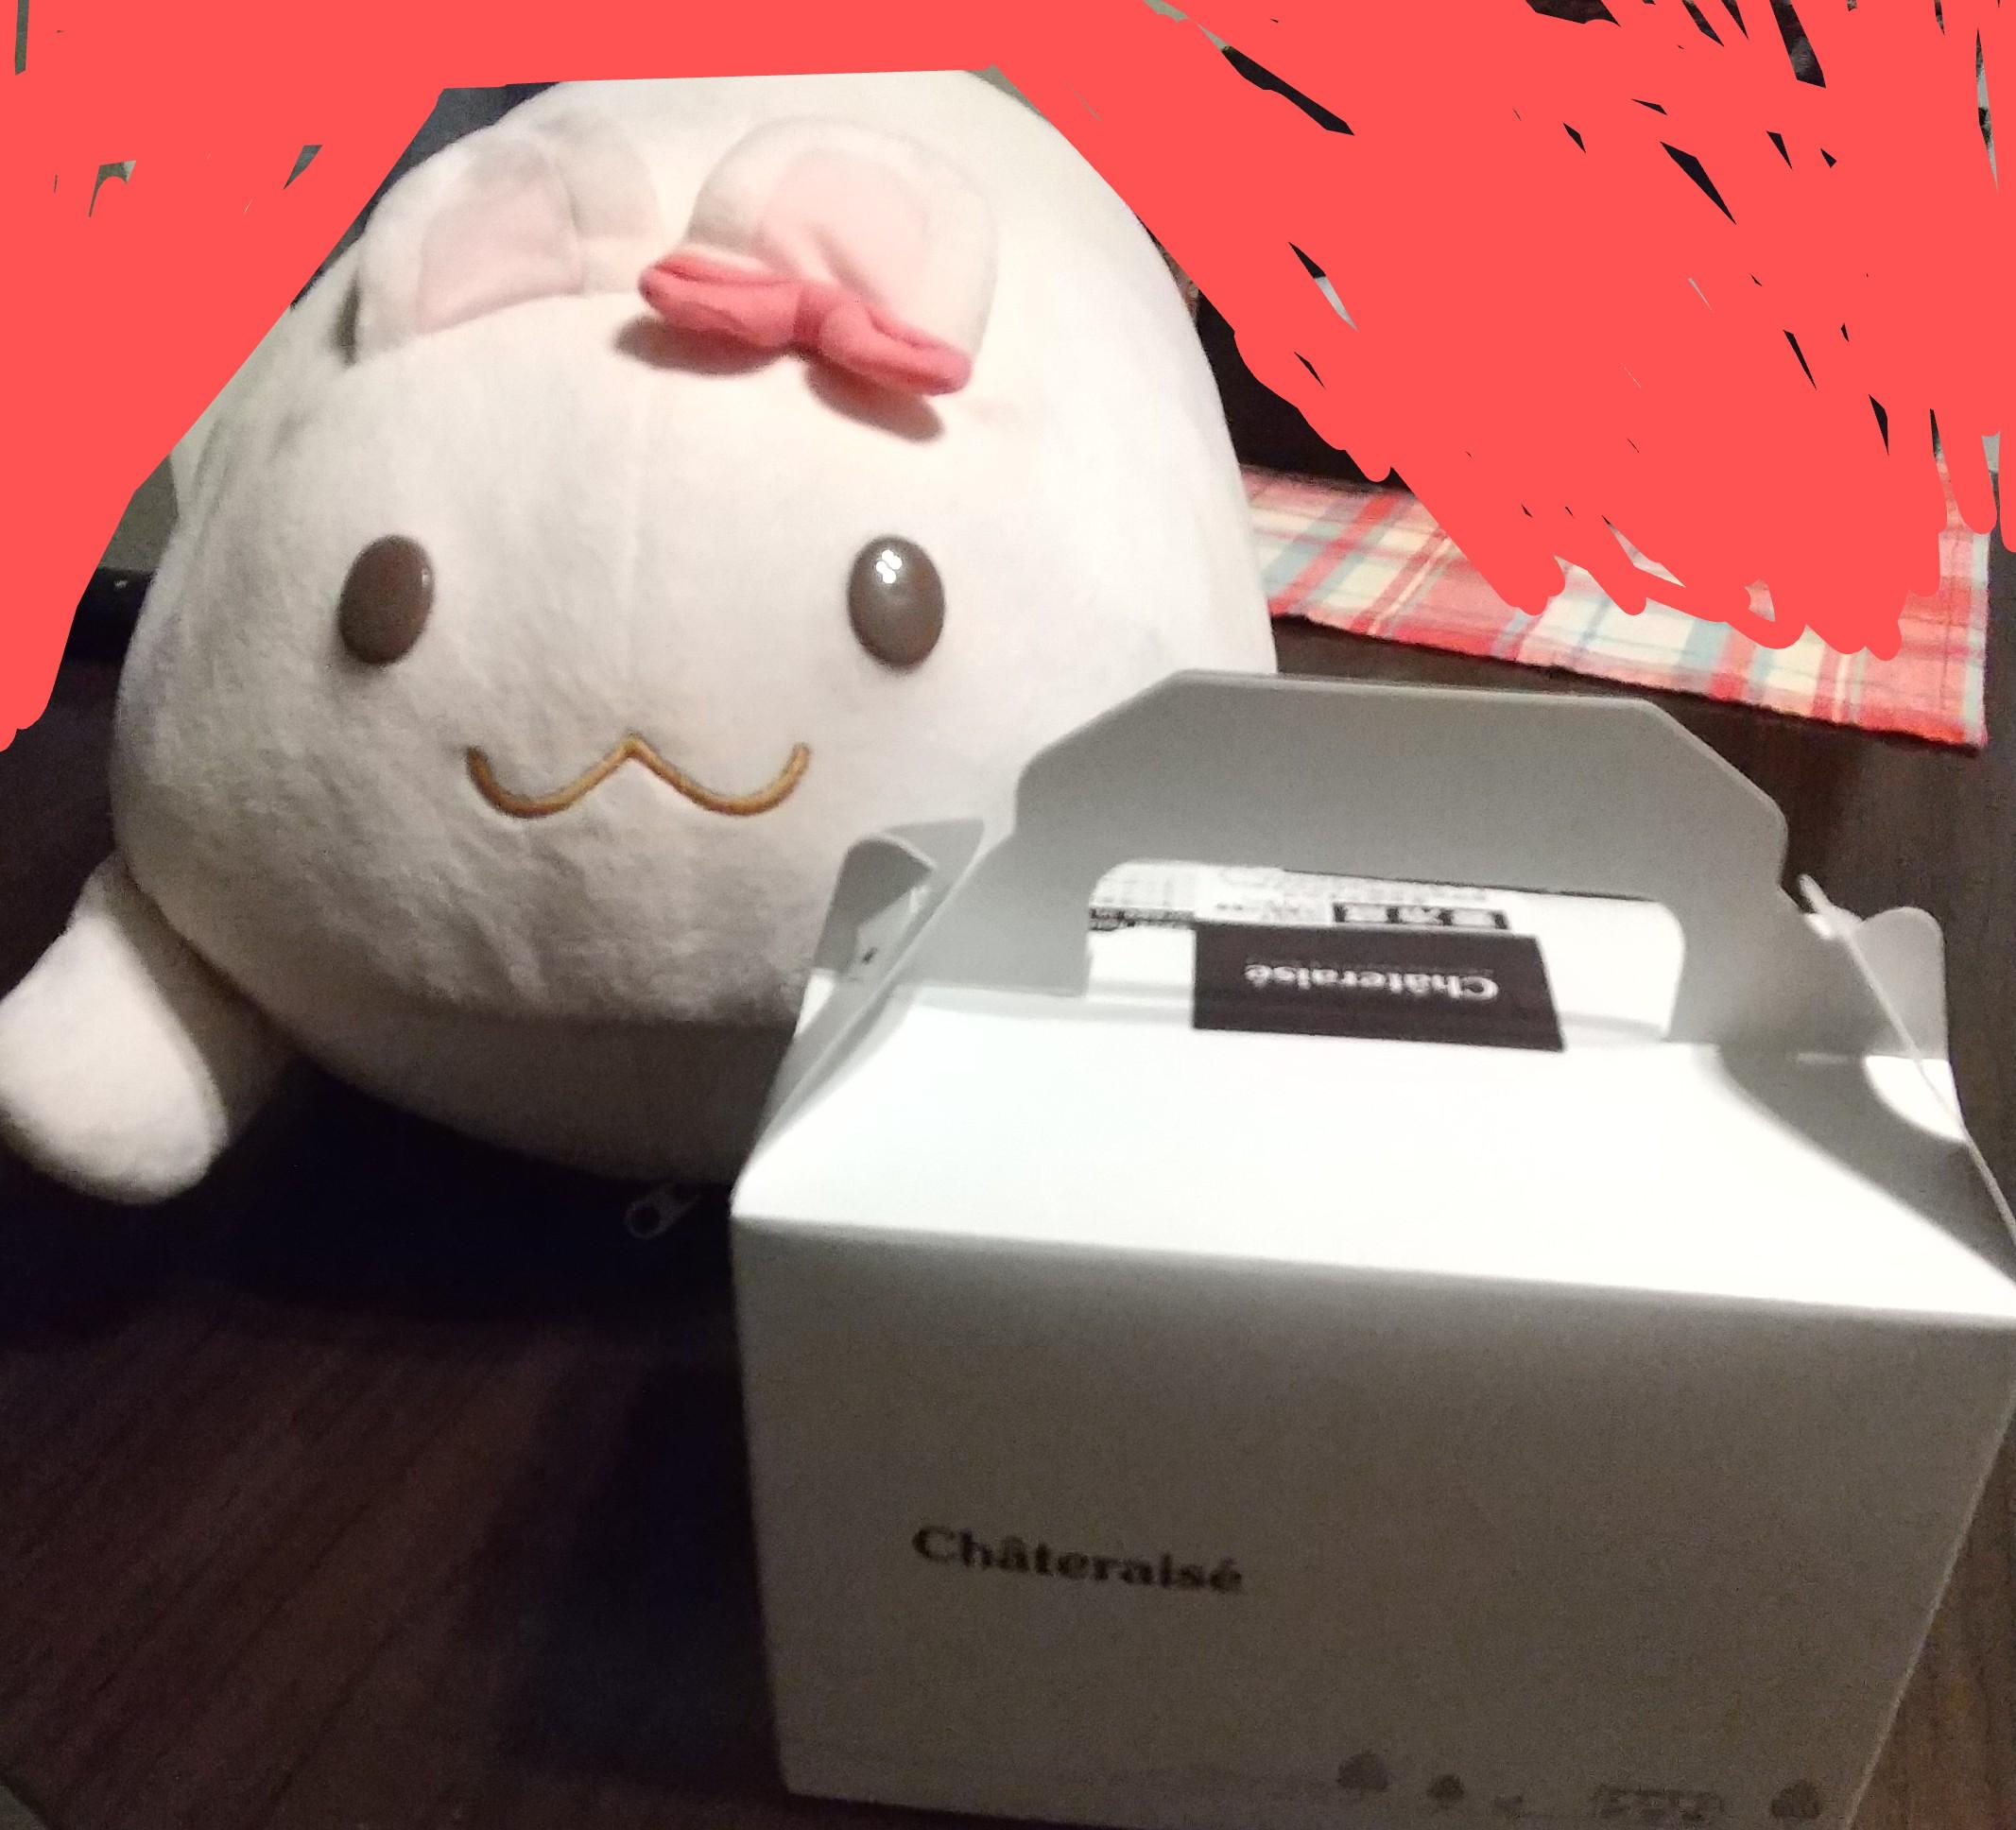 【画像】うさぎさんの誕生日ケーキ買ってきた_?( ´ ×`_∪ ?)ο